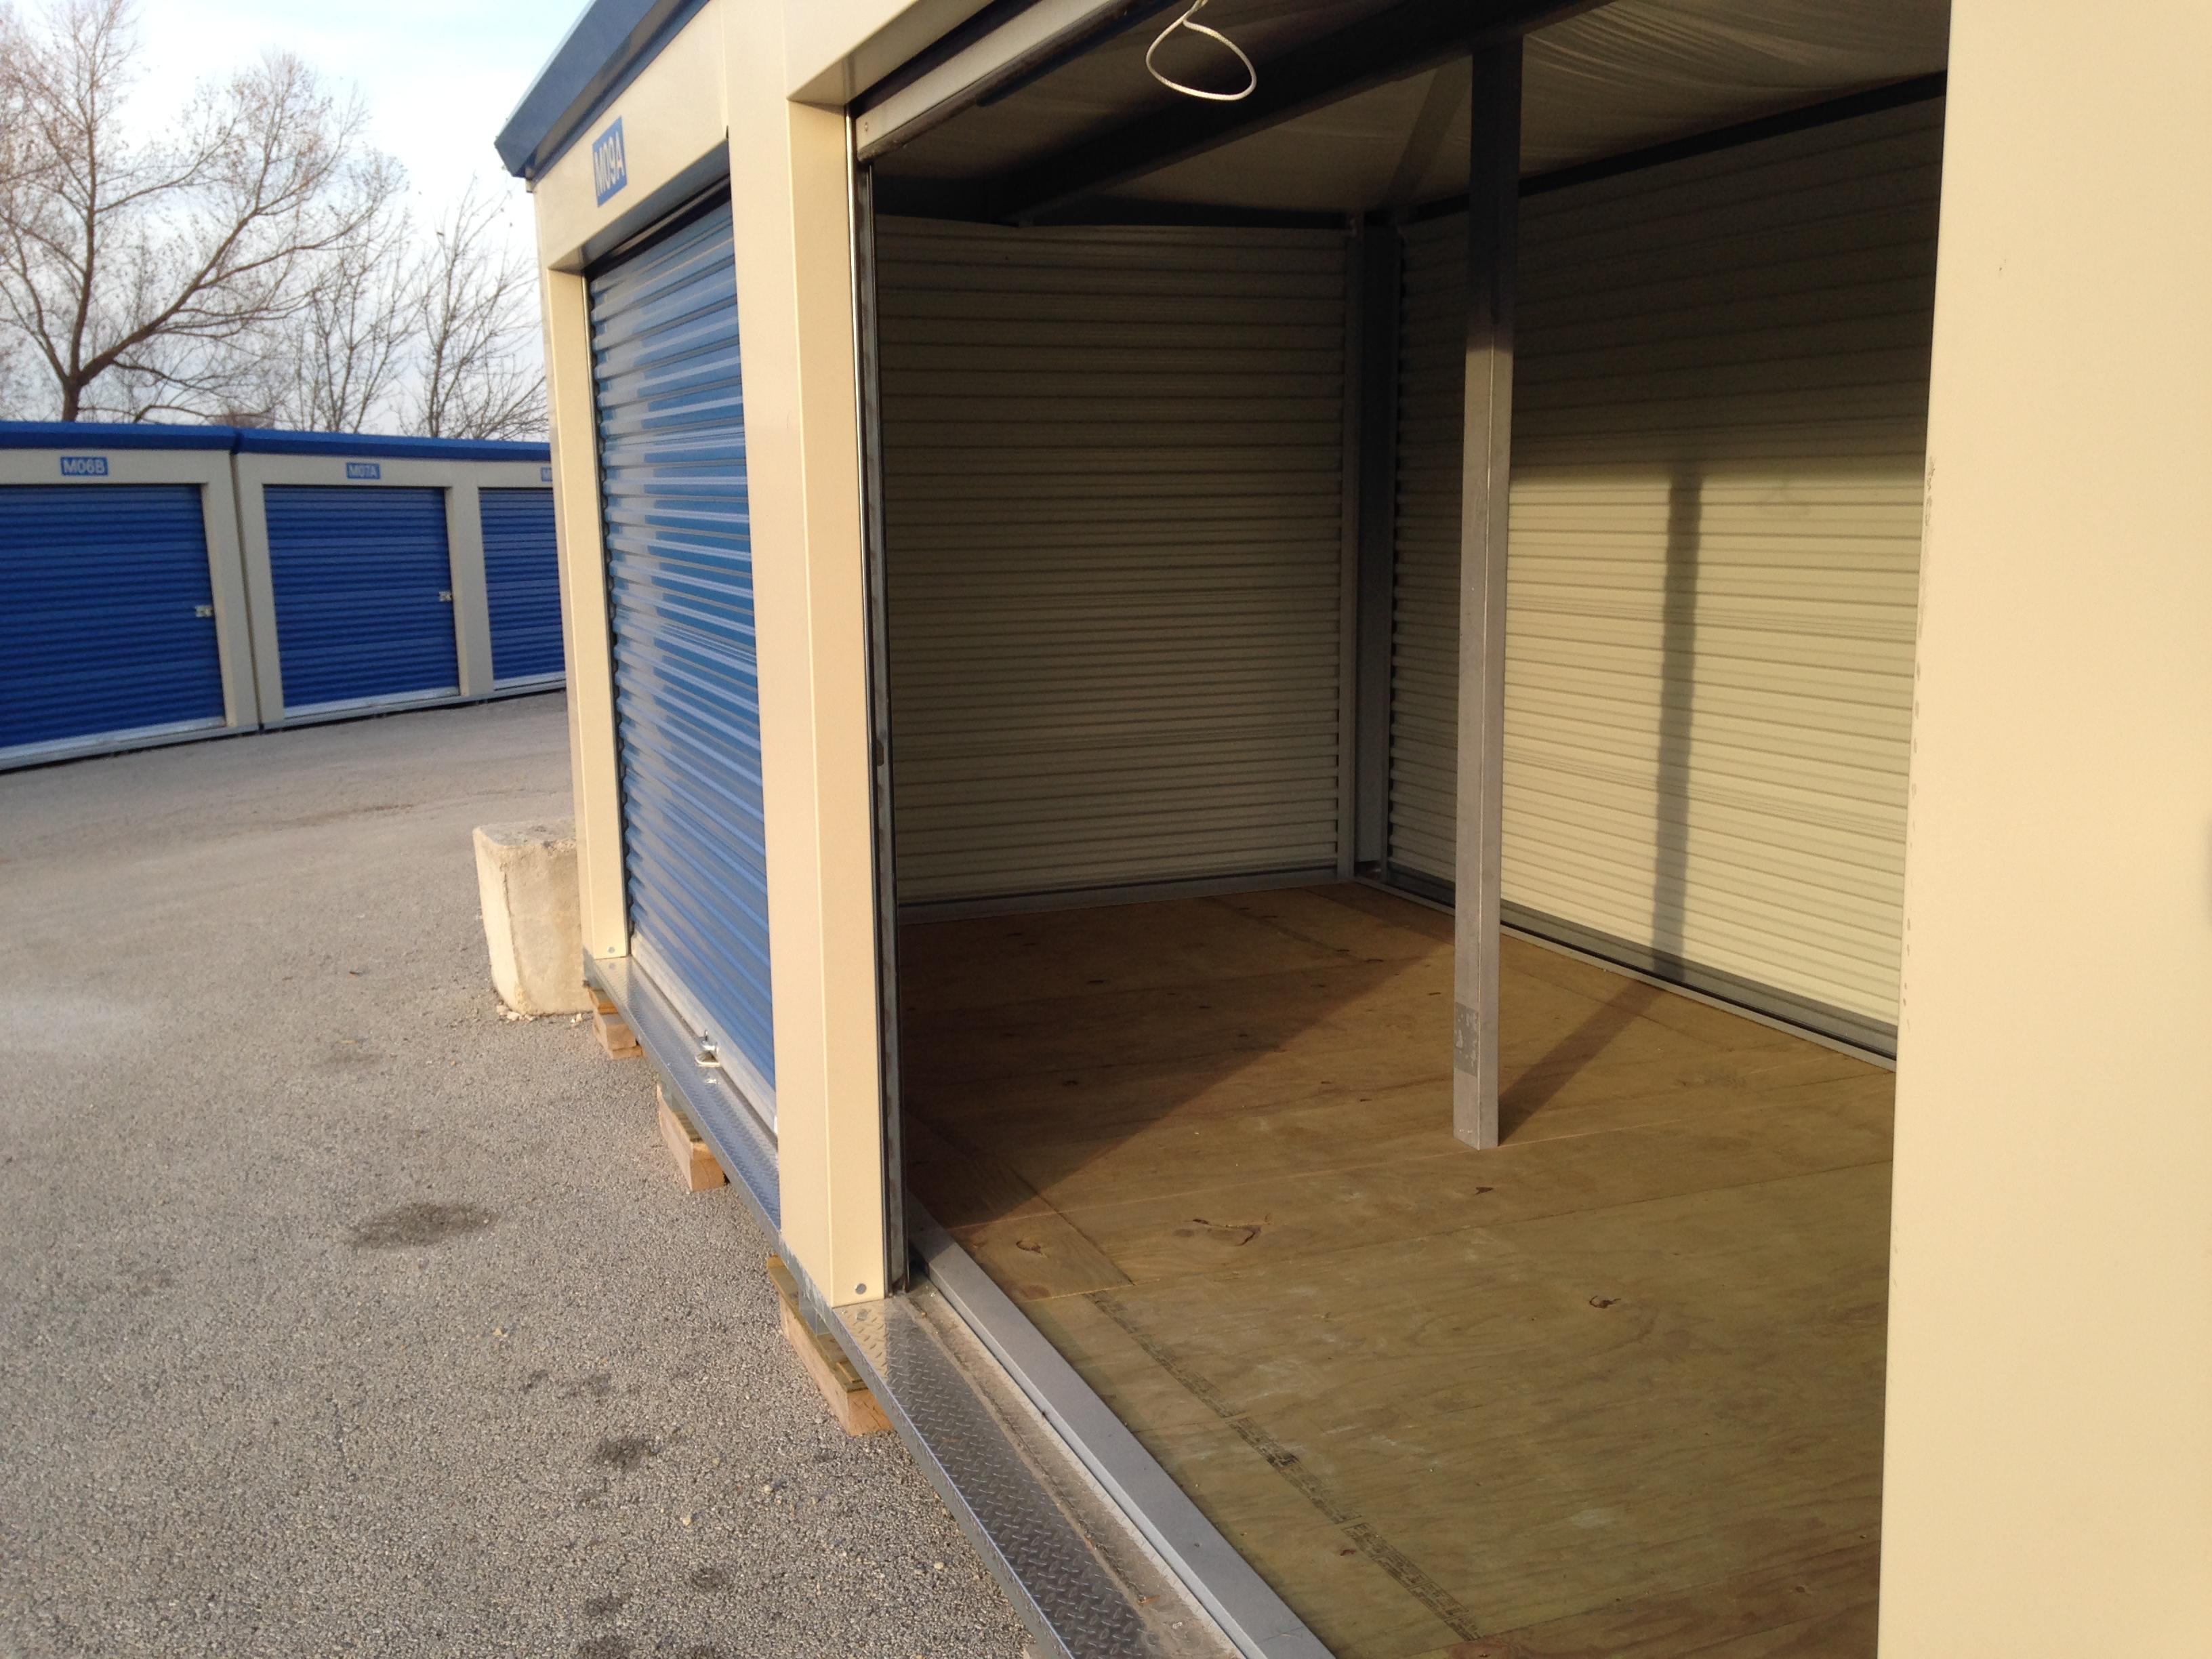 10 X 20 Modular Self Storage Facility In Davenport Iowa